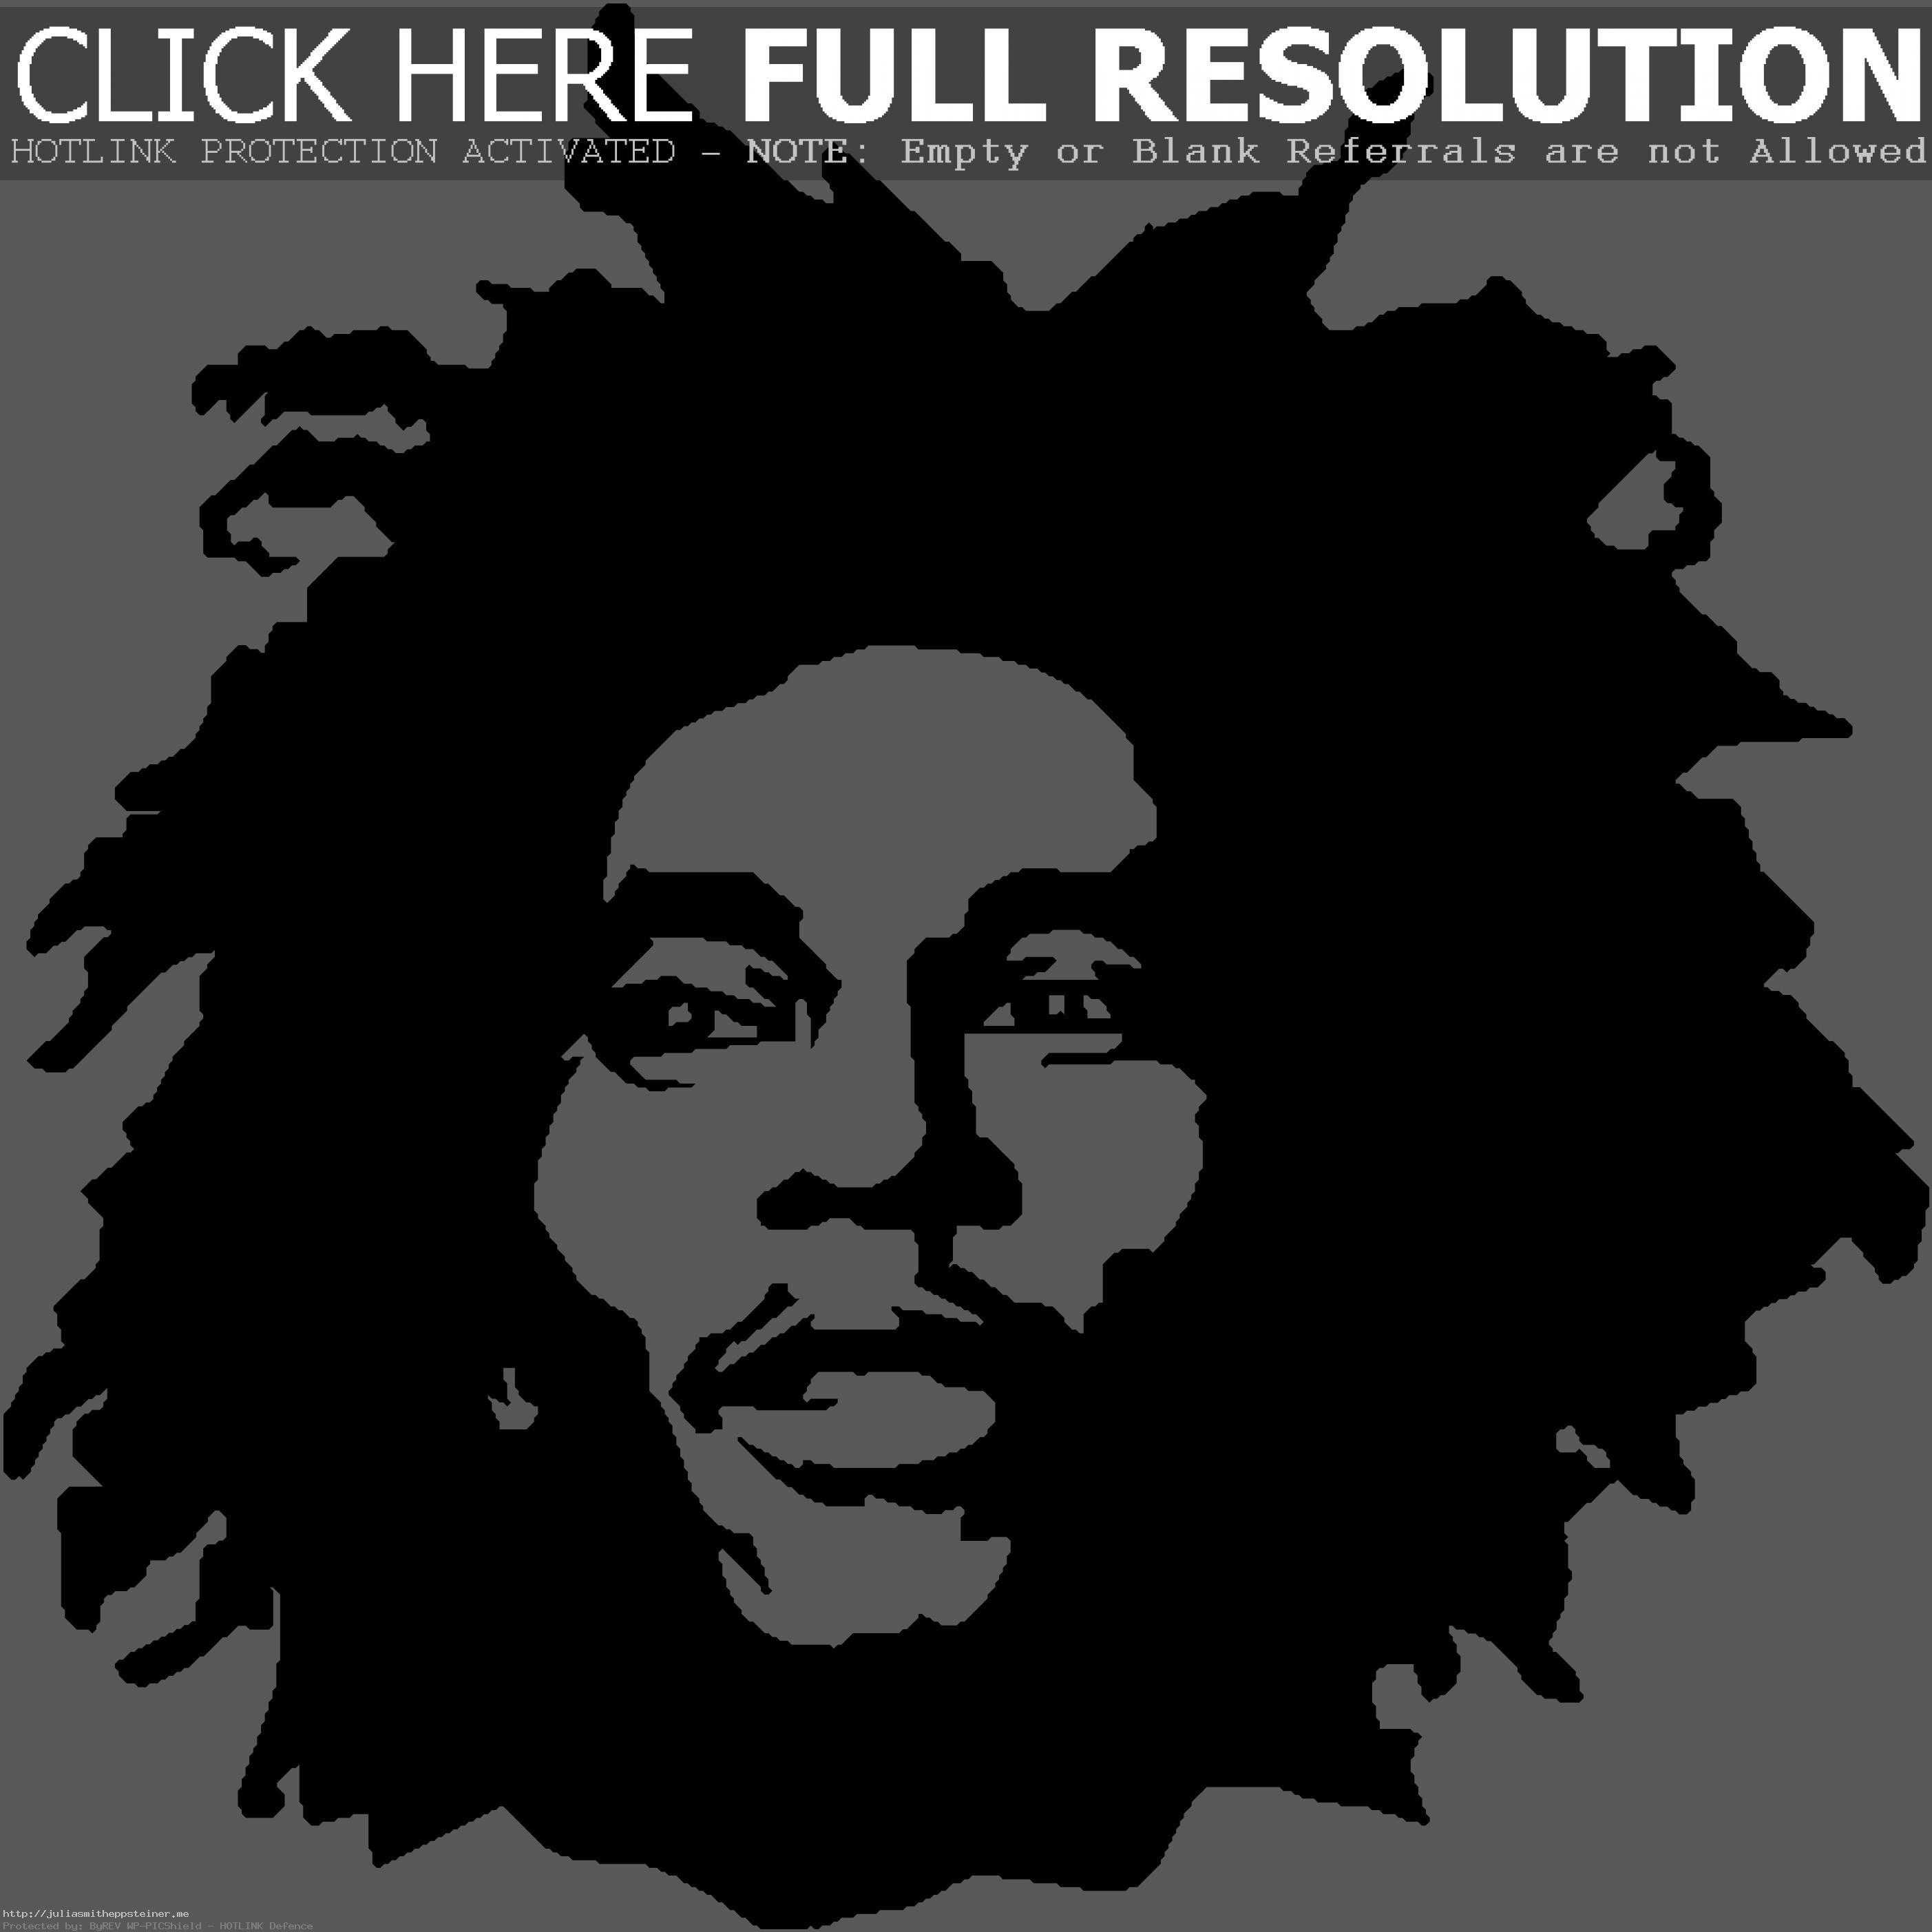 Bob Marley Monochrome Google Search Pint-Bob Marley Monochrome Google Search Pinterest Throughout-7